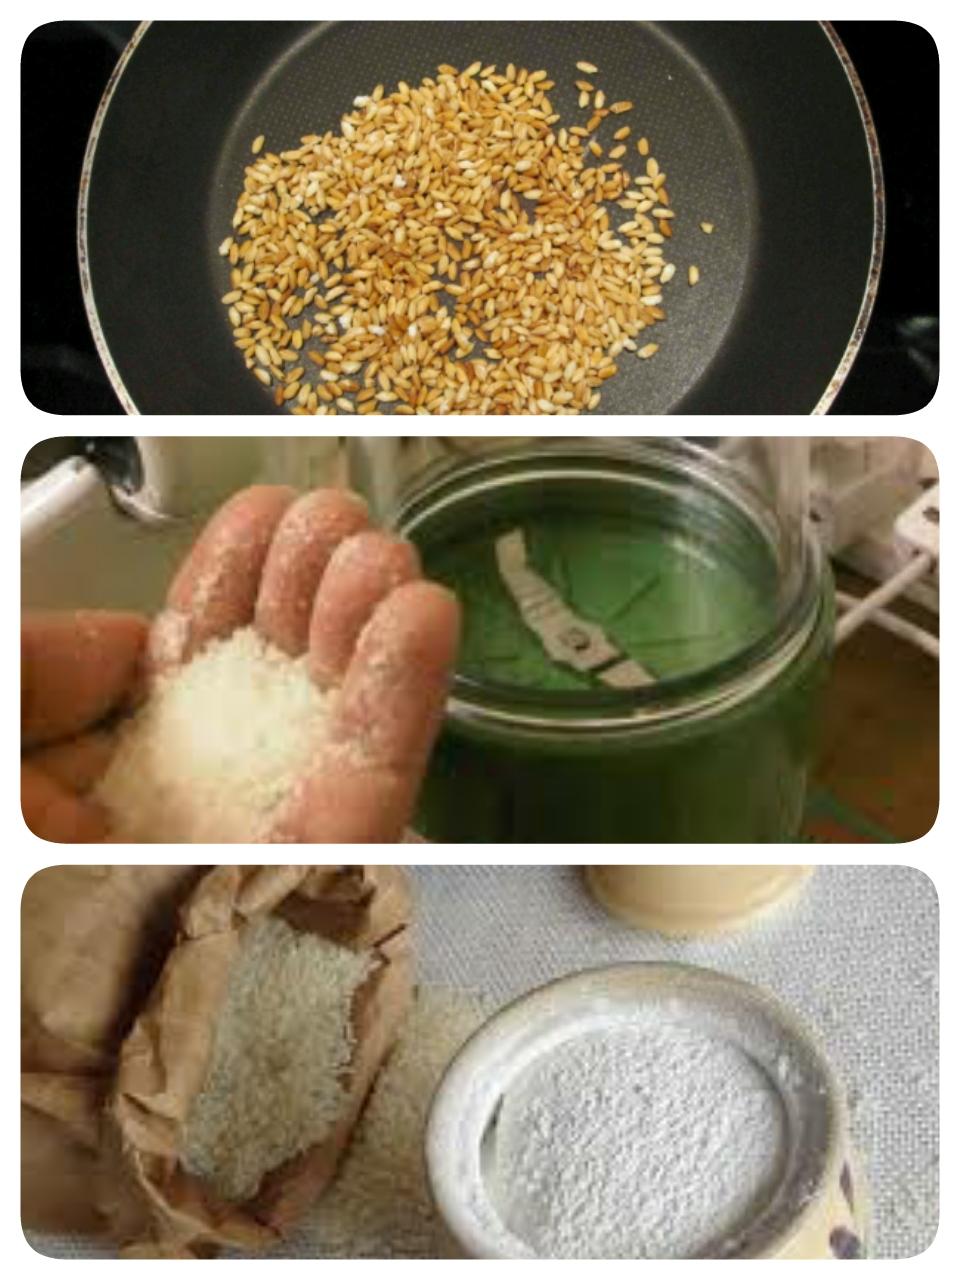 Cara Membuat Masker Beras Untuk Jerawat : membuat, masker, beras, untuk, jerawat, Masker, Beras, Untuk, Perawatan, Wajah, Hitam, NUTRICE